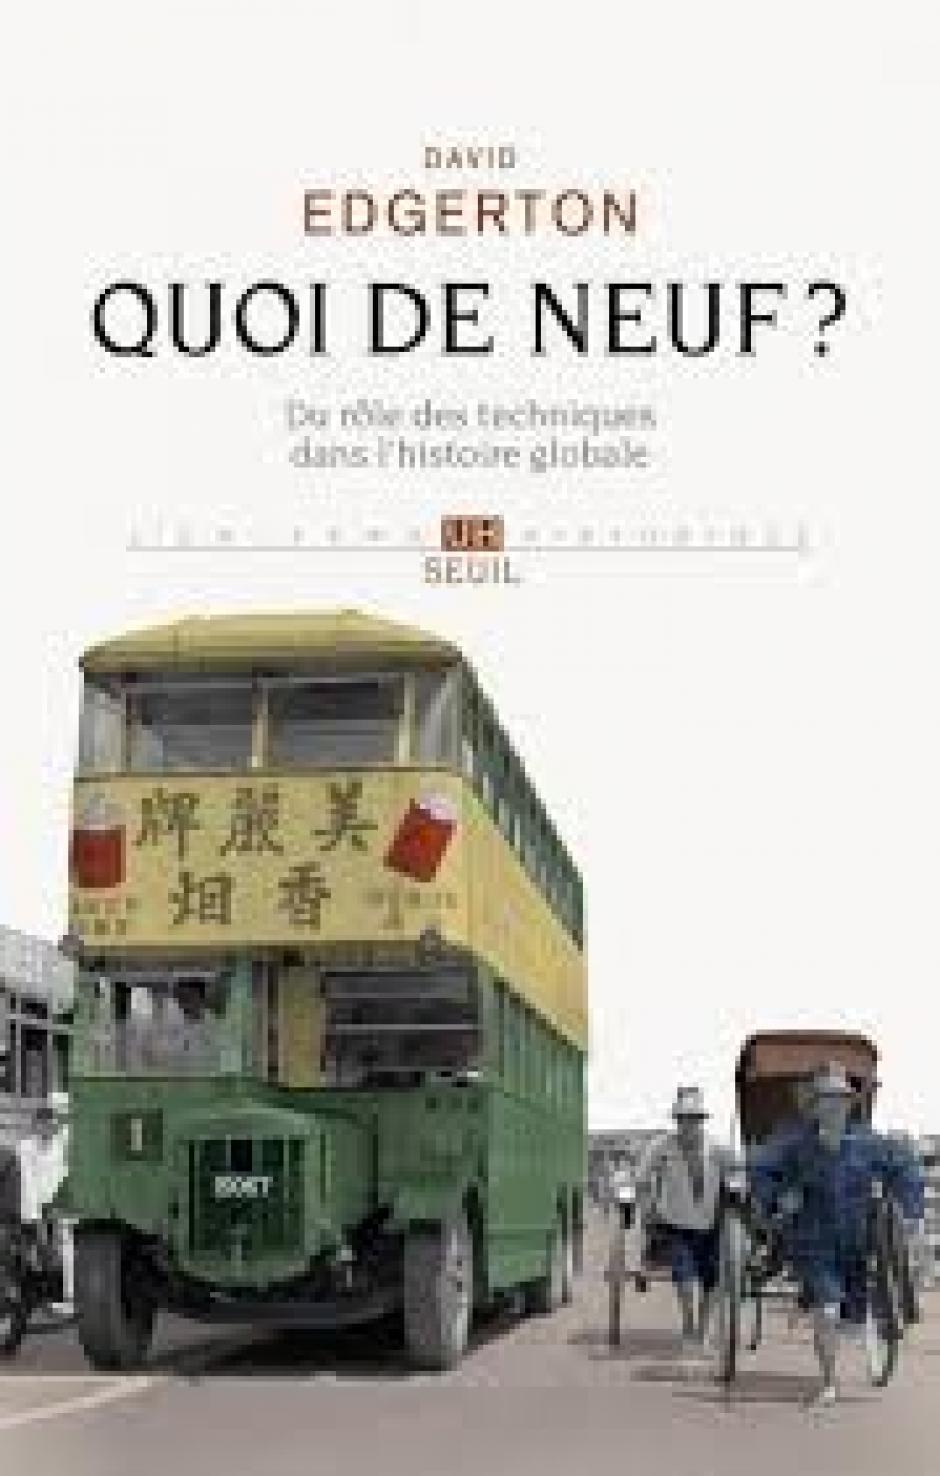 Du rôle des techniques dans l'histoire globale, Ernest Brasseaux